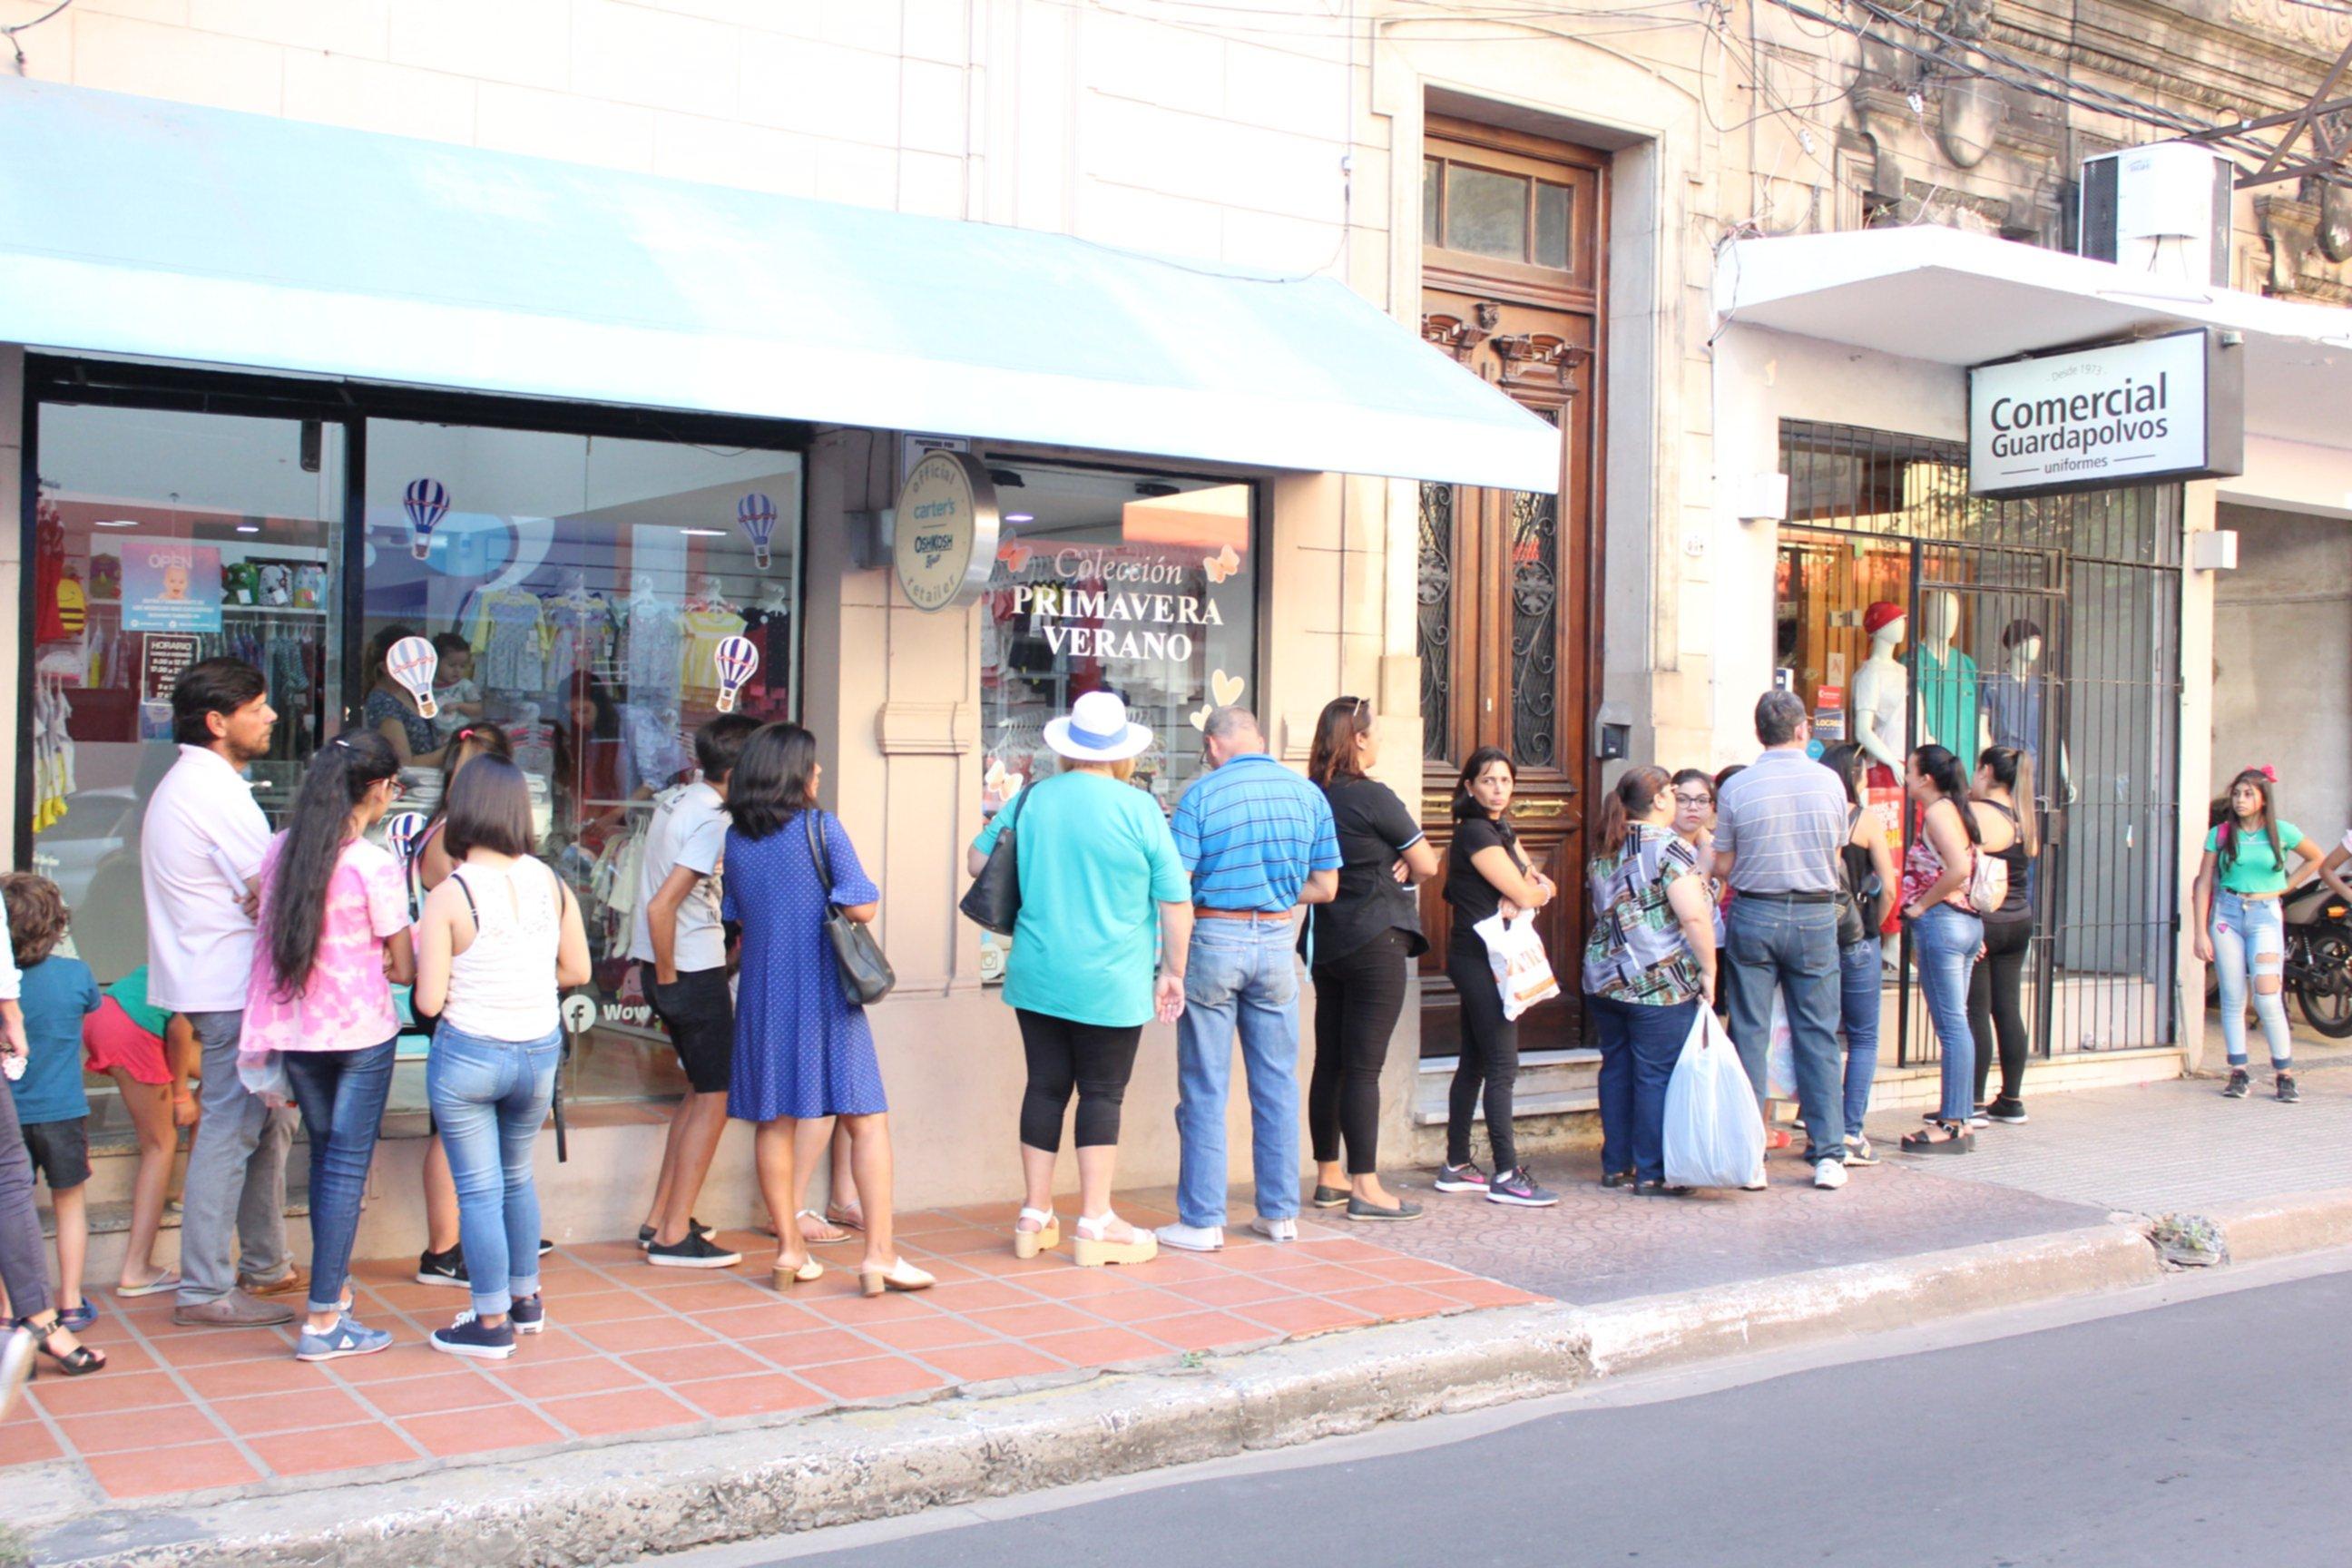 <p>Clases. Las filas en el ingreso de los negocios escolares es una postal que se repite en varias tiendas.</p>